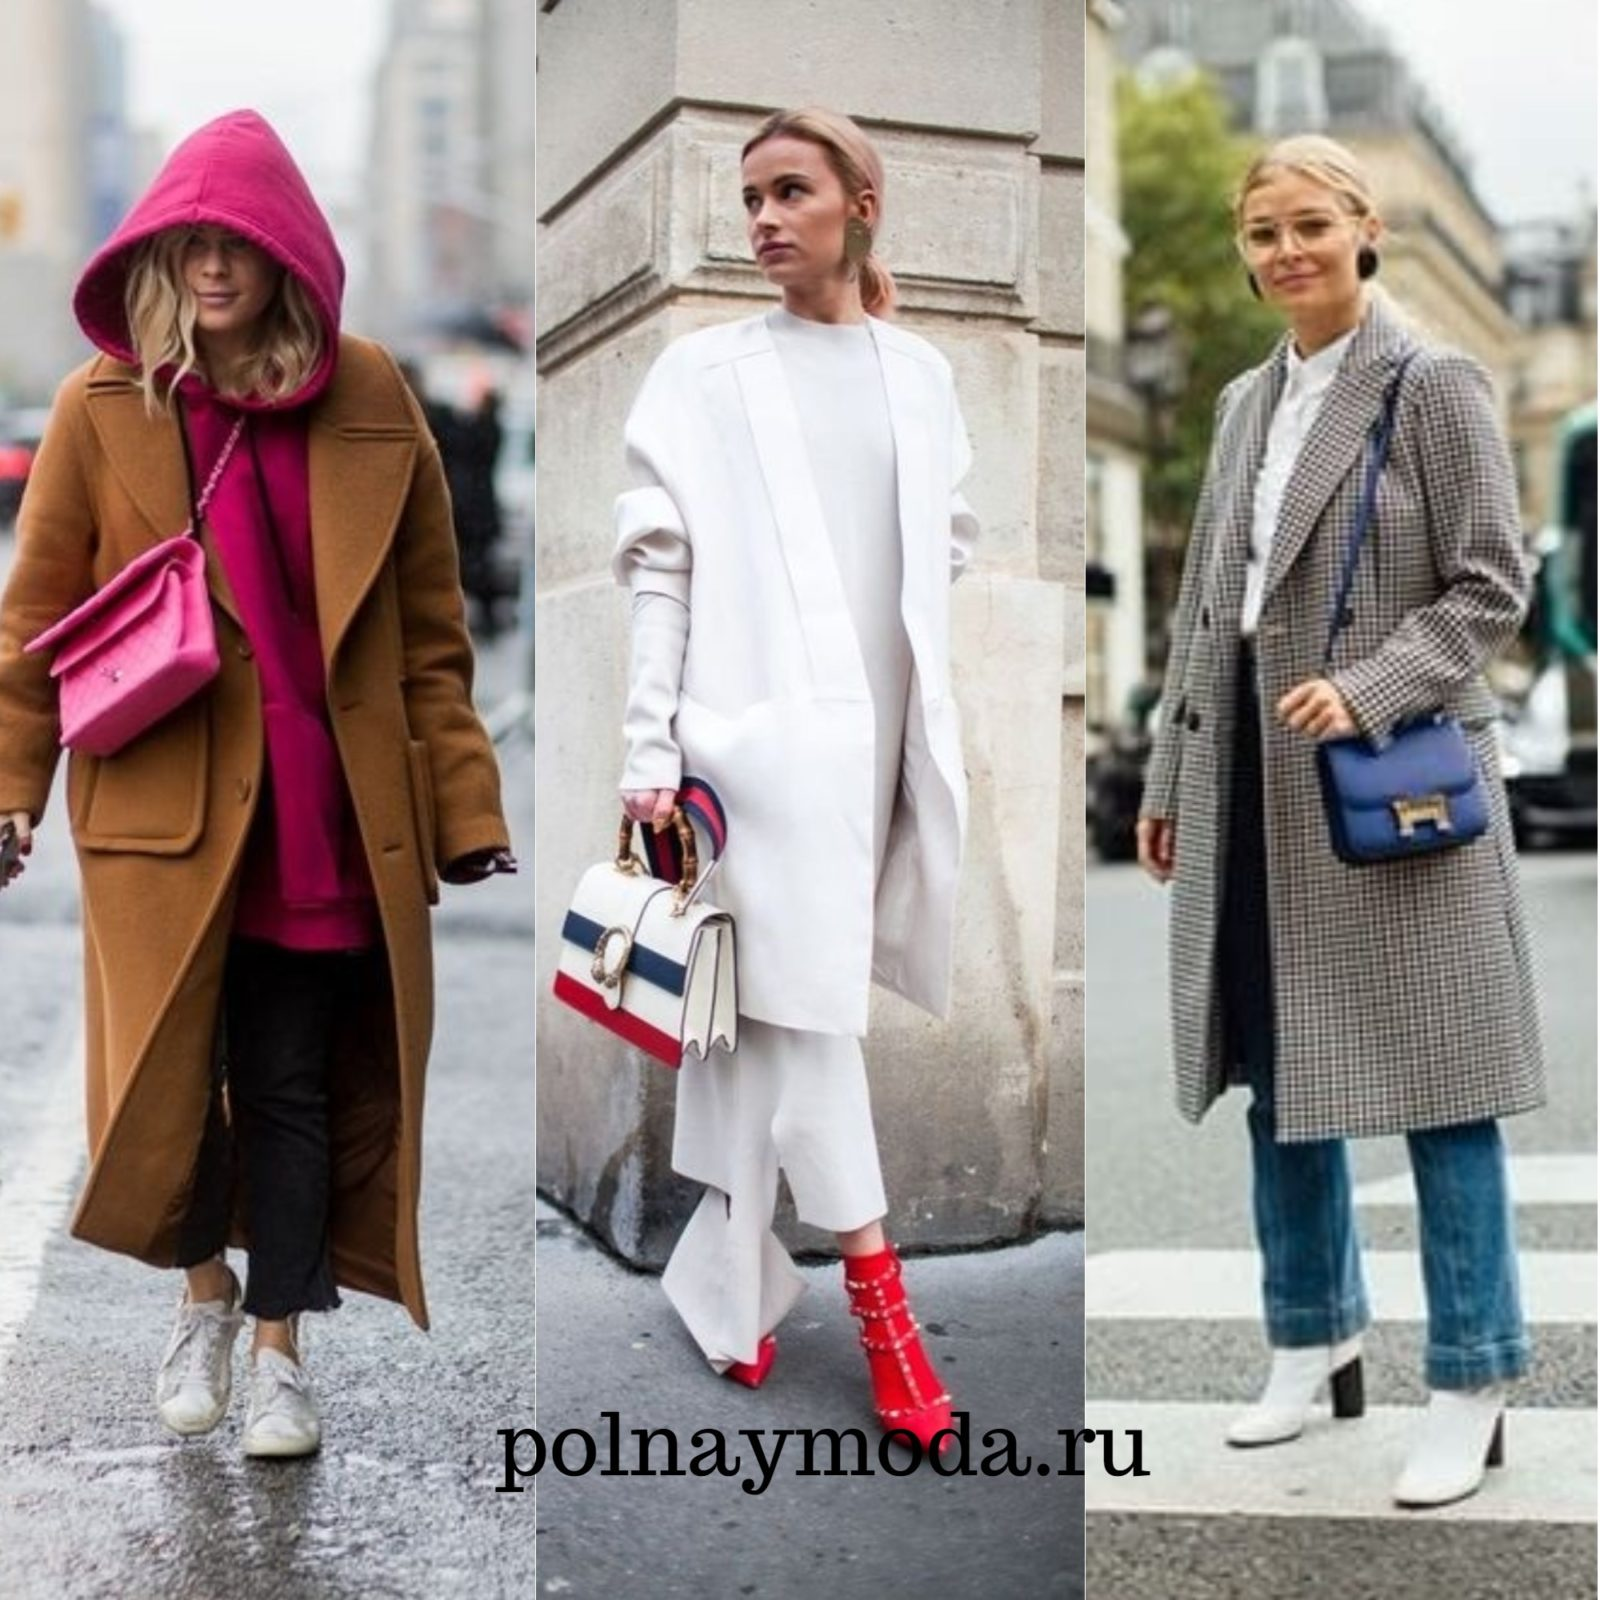 Пальто уличный стиль 2018 женское однотонное белое кирпичное клетчатое с сапогами с яркой сумкой толстовкой